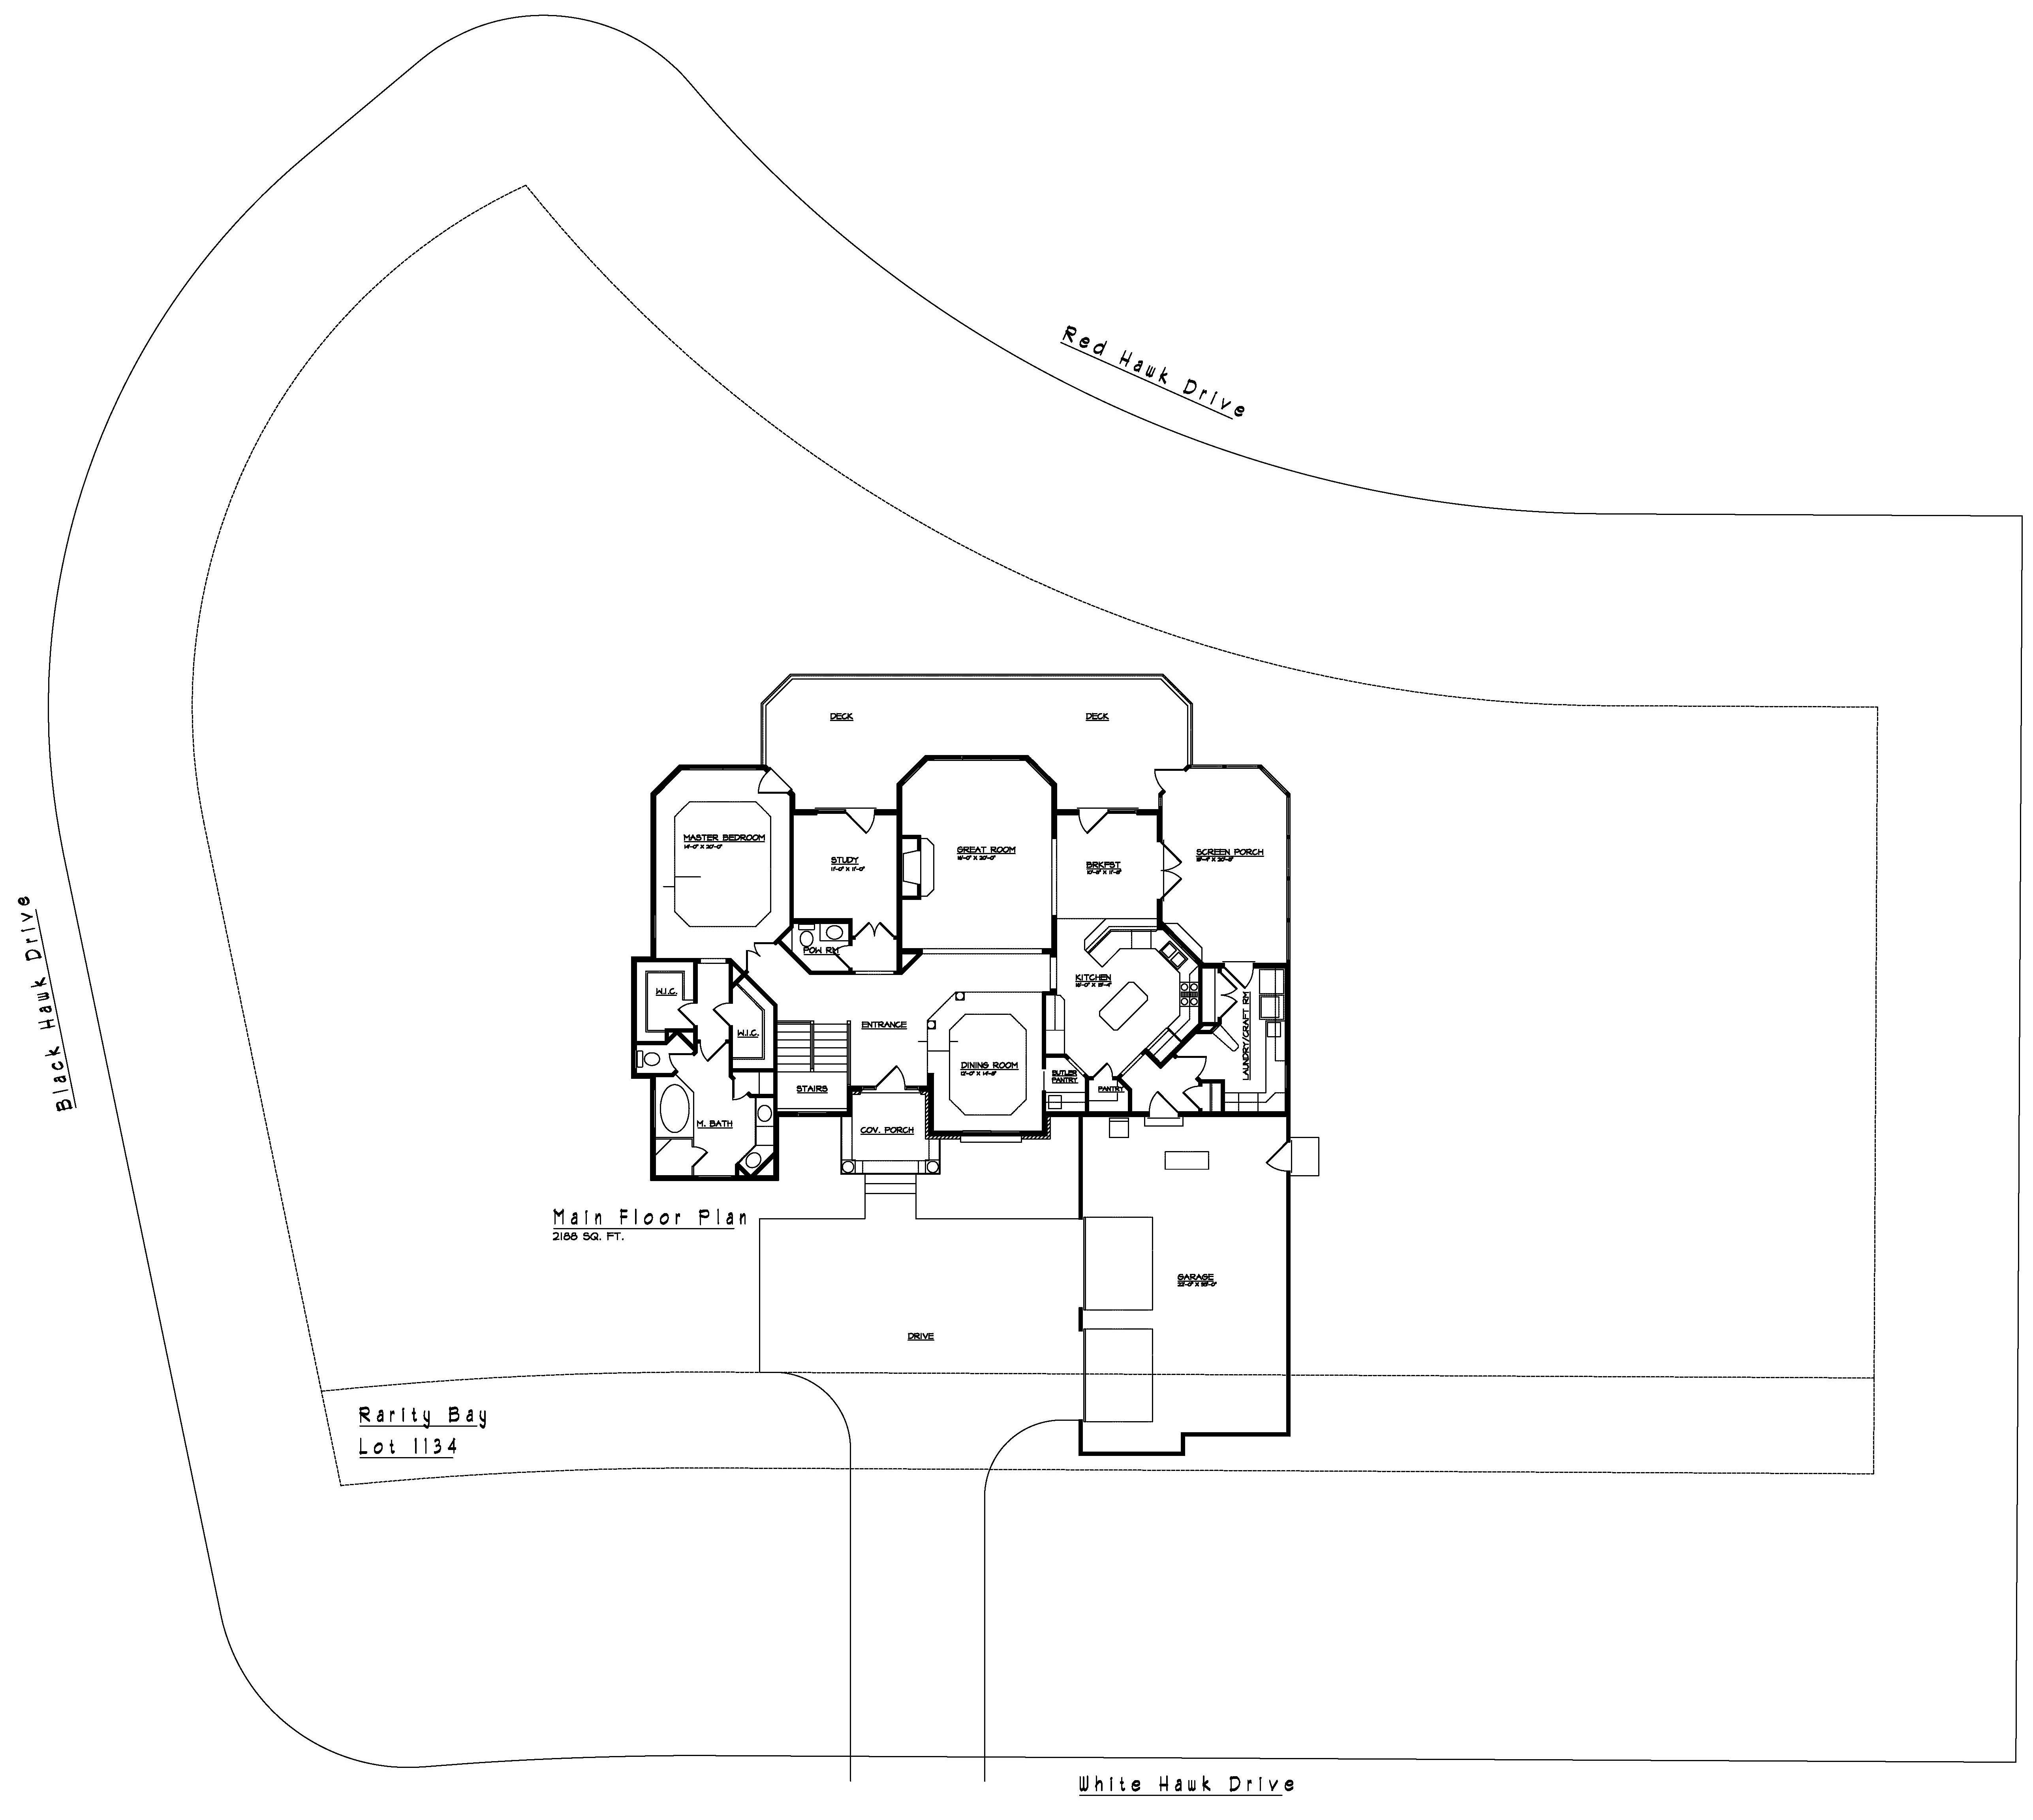 rblot1134_main floor plan